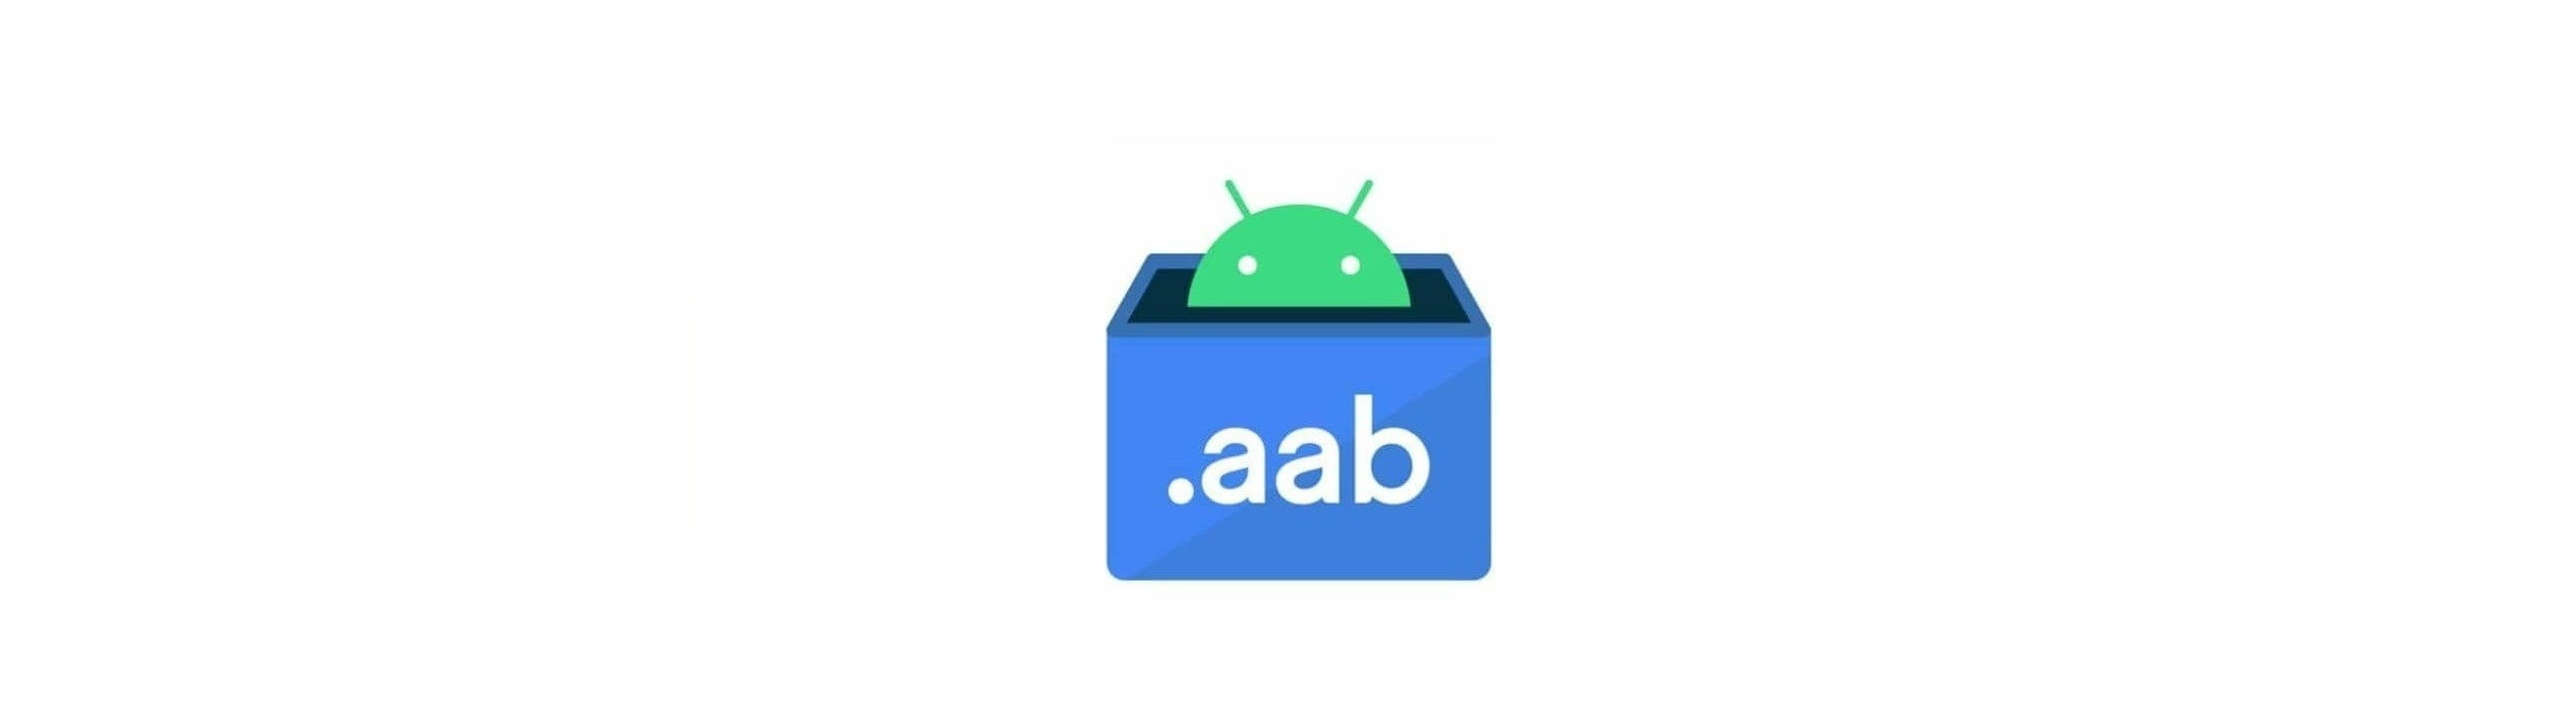 دریافت خروجی AAB در B4A